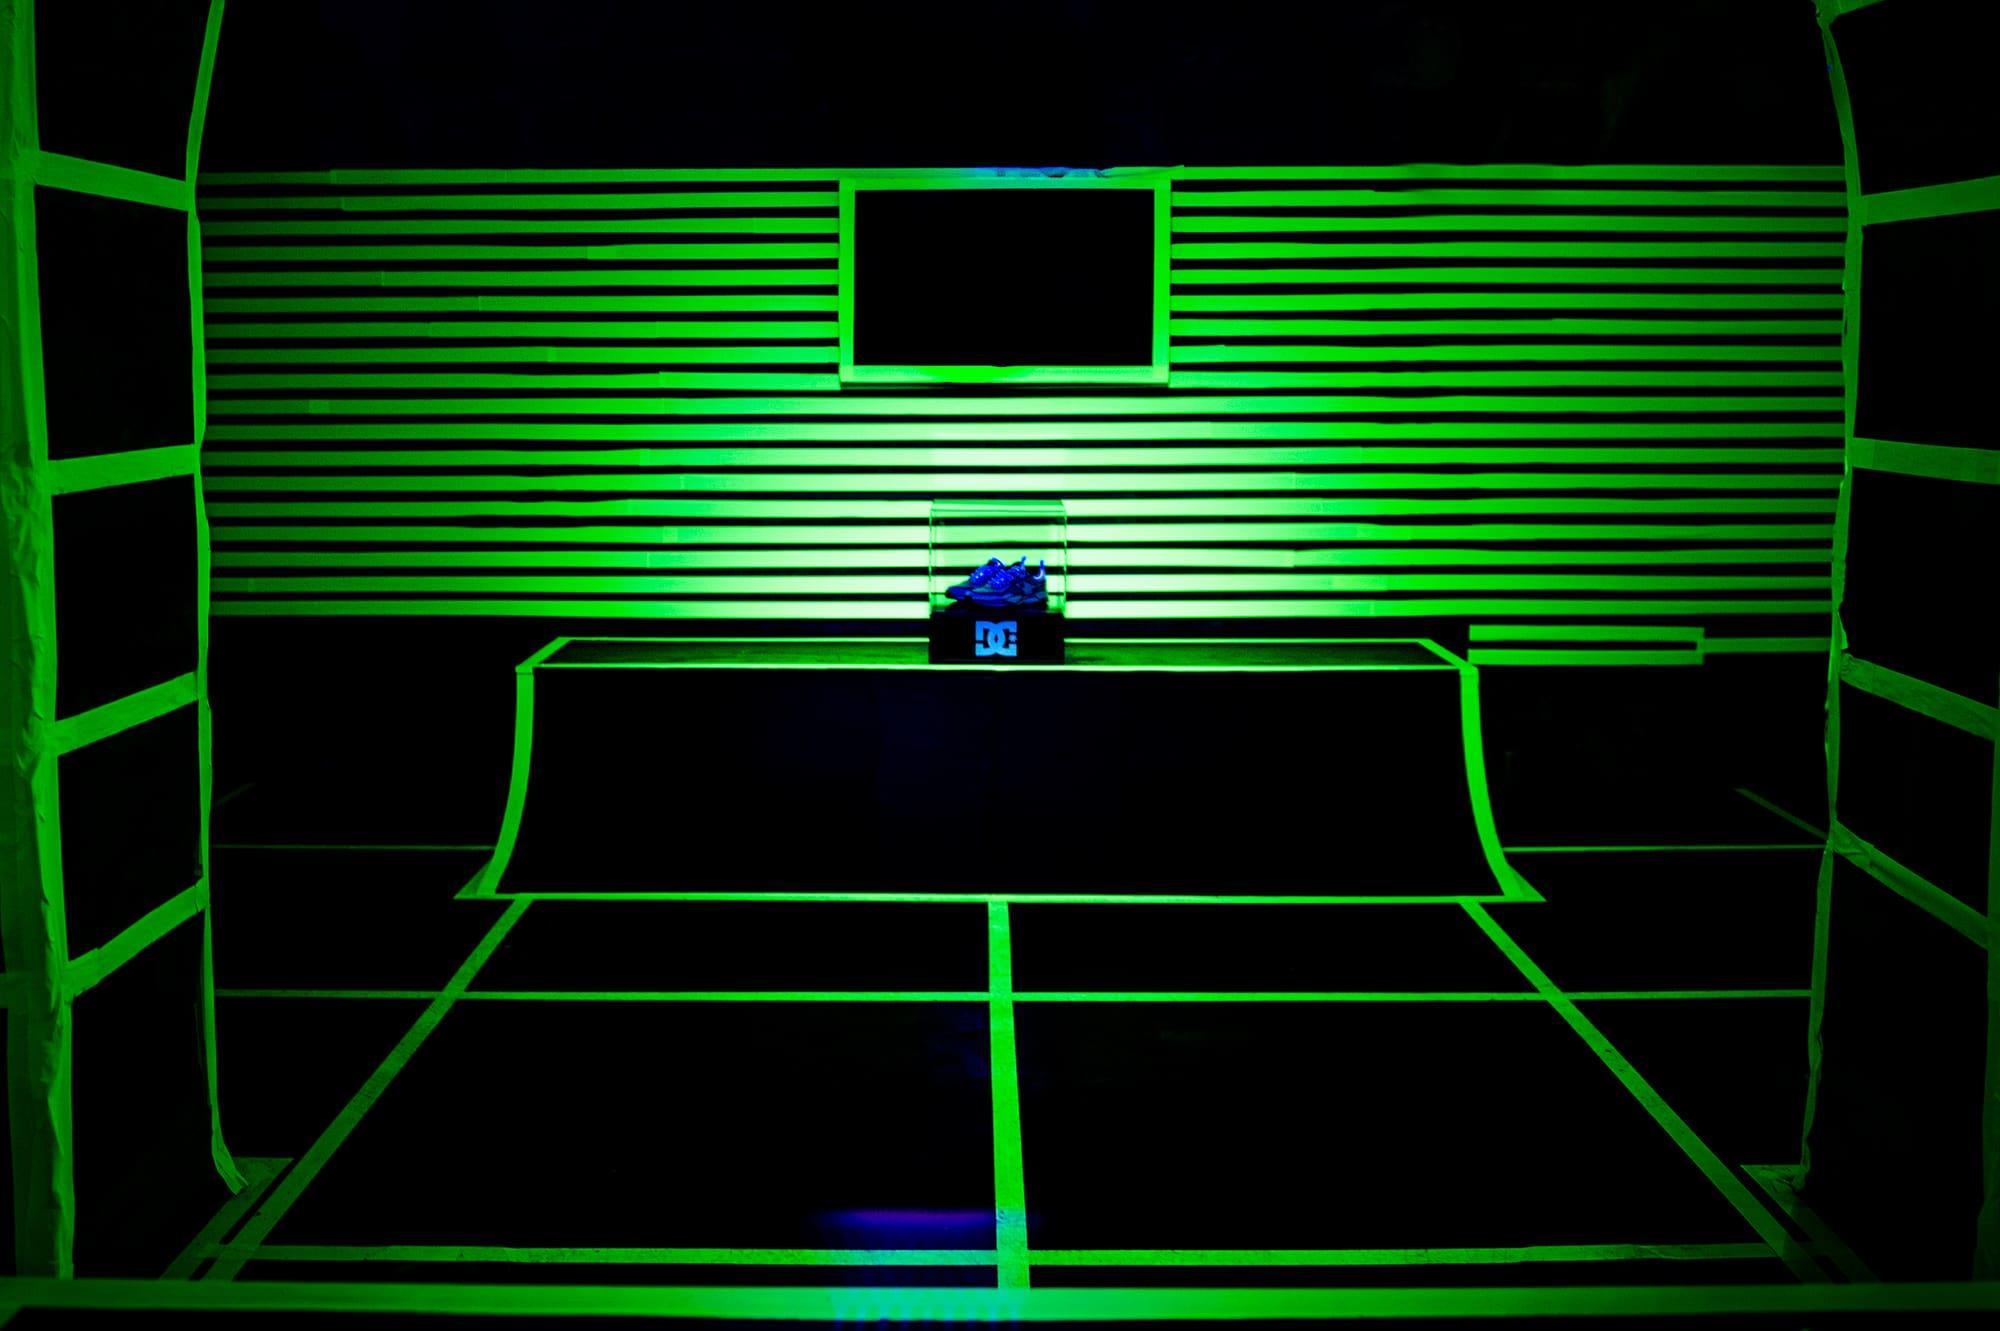 Joshua Vides glow in the dark exhibit